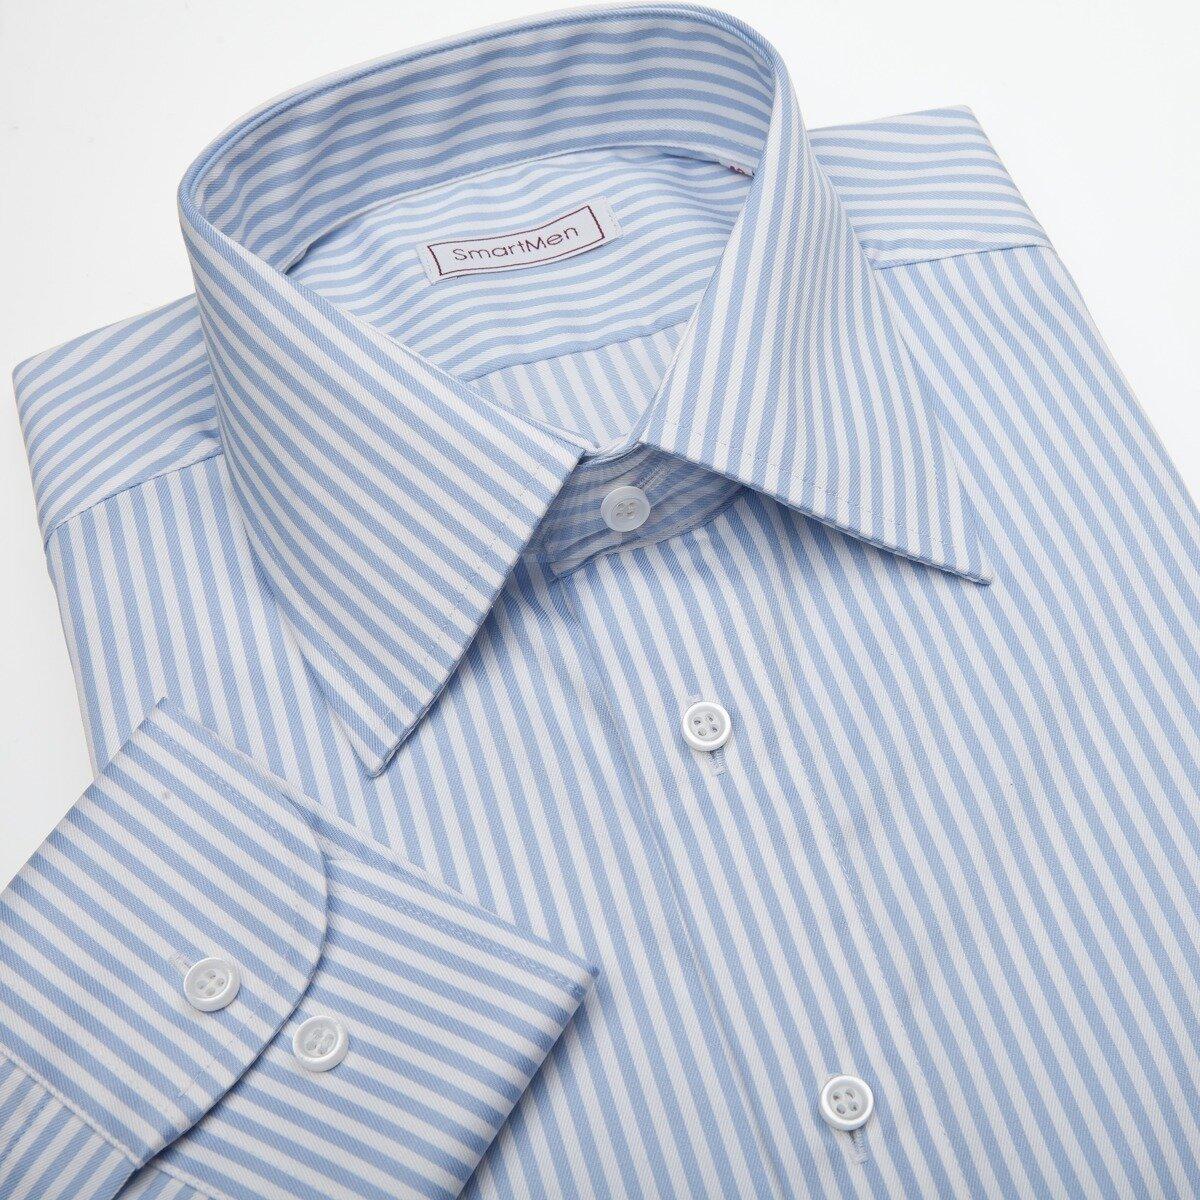 7037a12ea85c Pánska košeľa so svetlo modrým prúžkom - Non Iron - nežehlivá